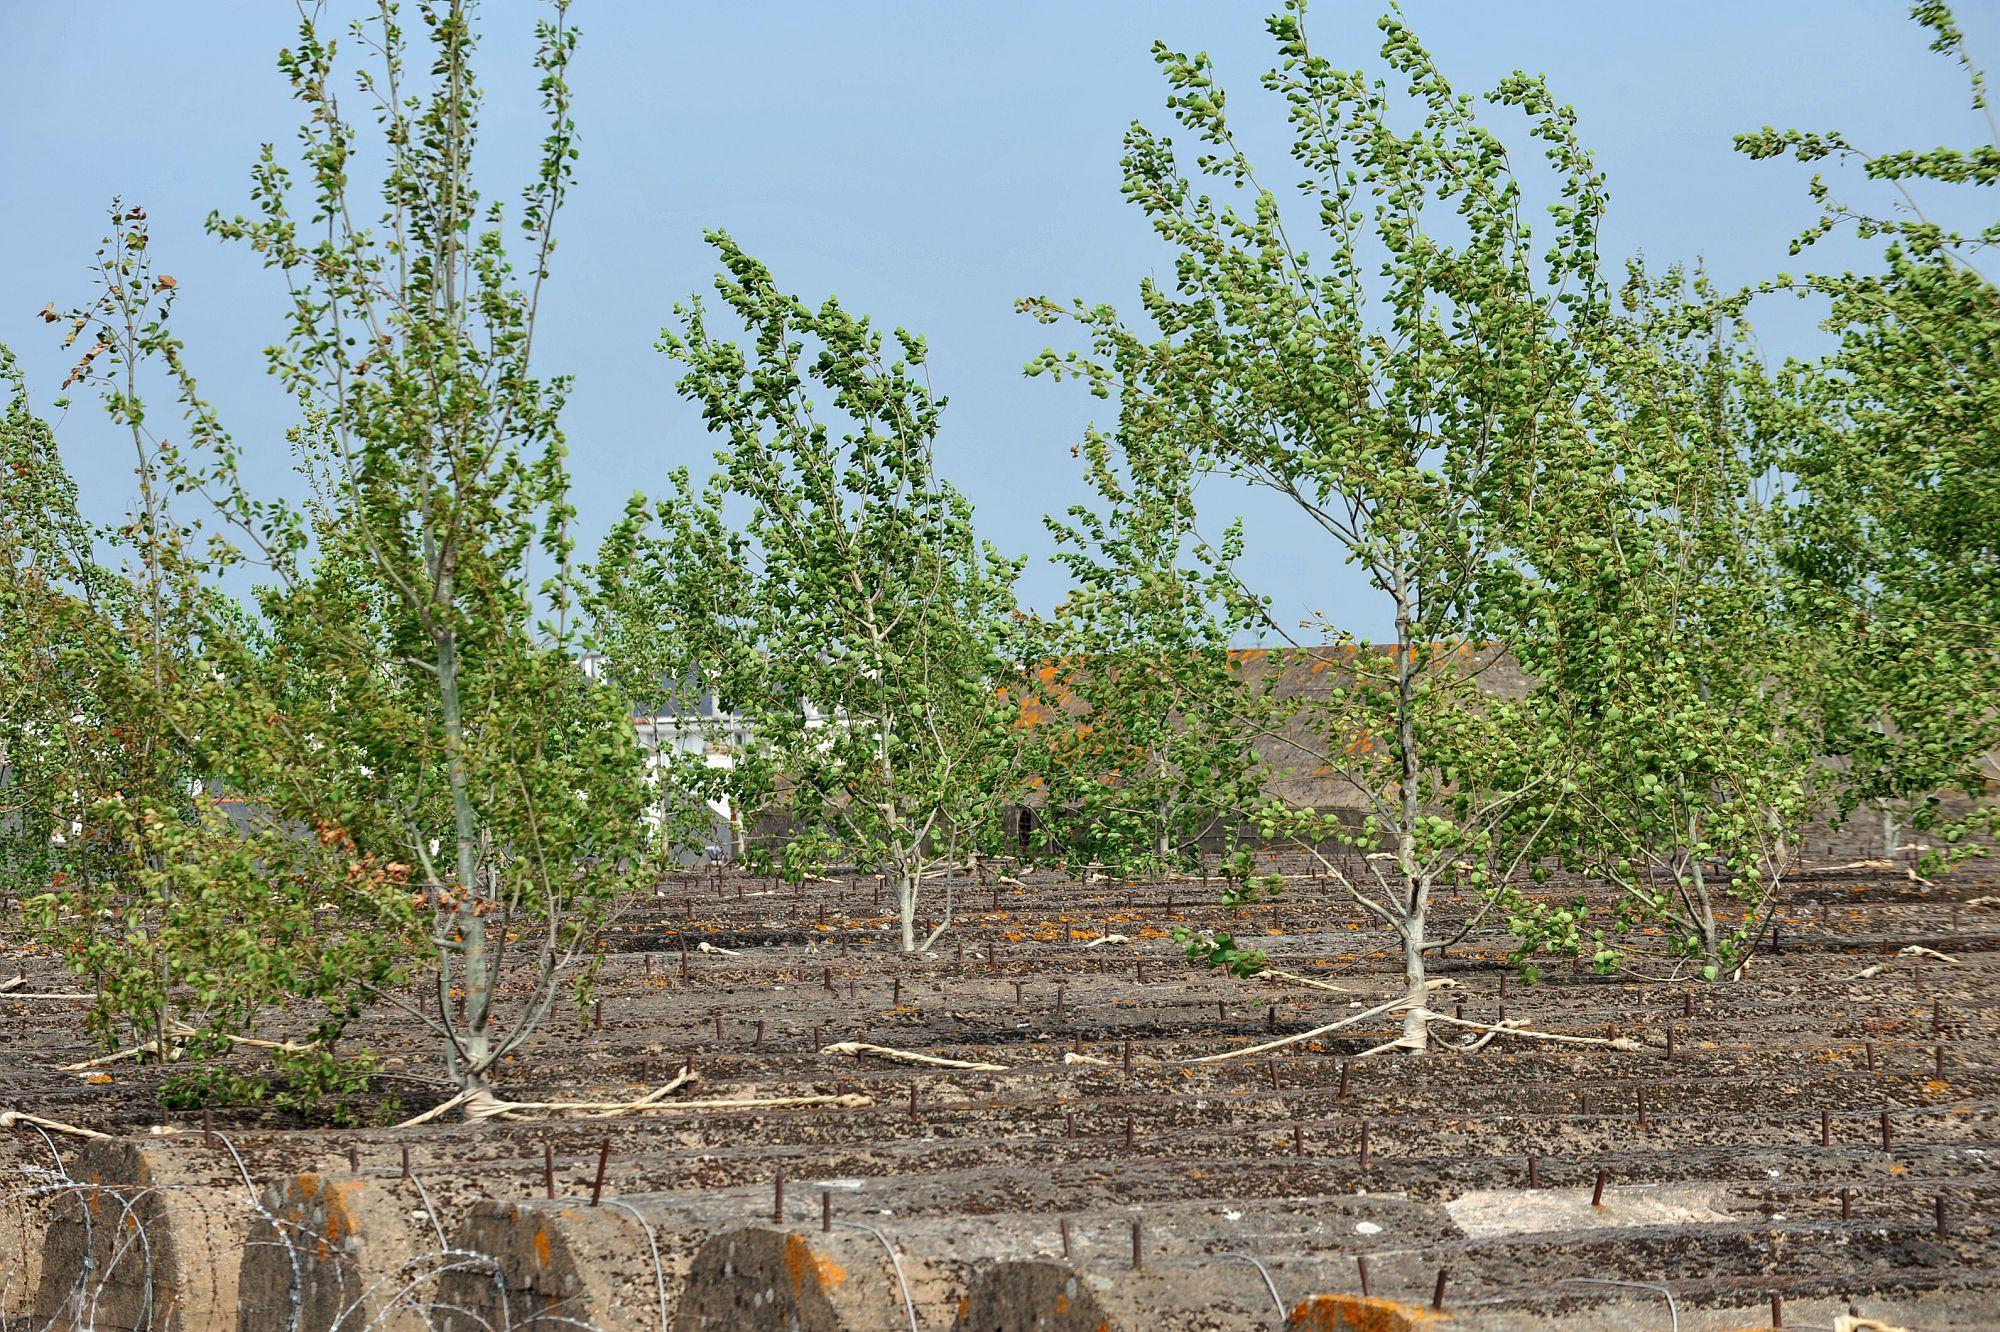 Toit de la Base sous-marine. Bois de trembles de Gilles Clément en 2009. Crédit Dominique Macel – Ville de Saint-Nazaire